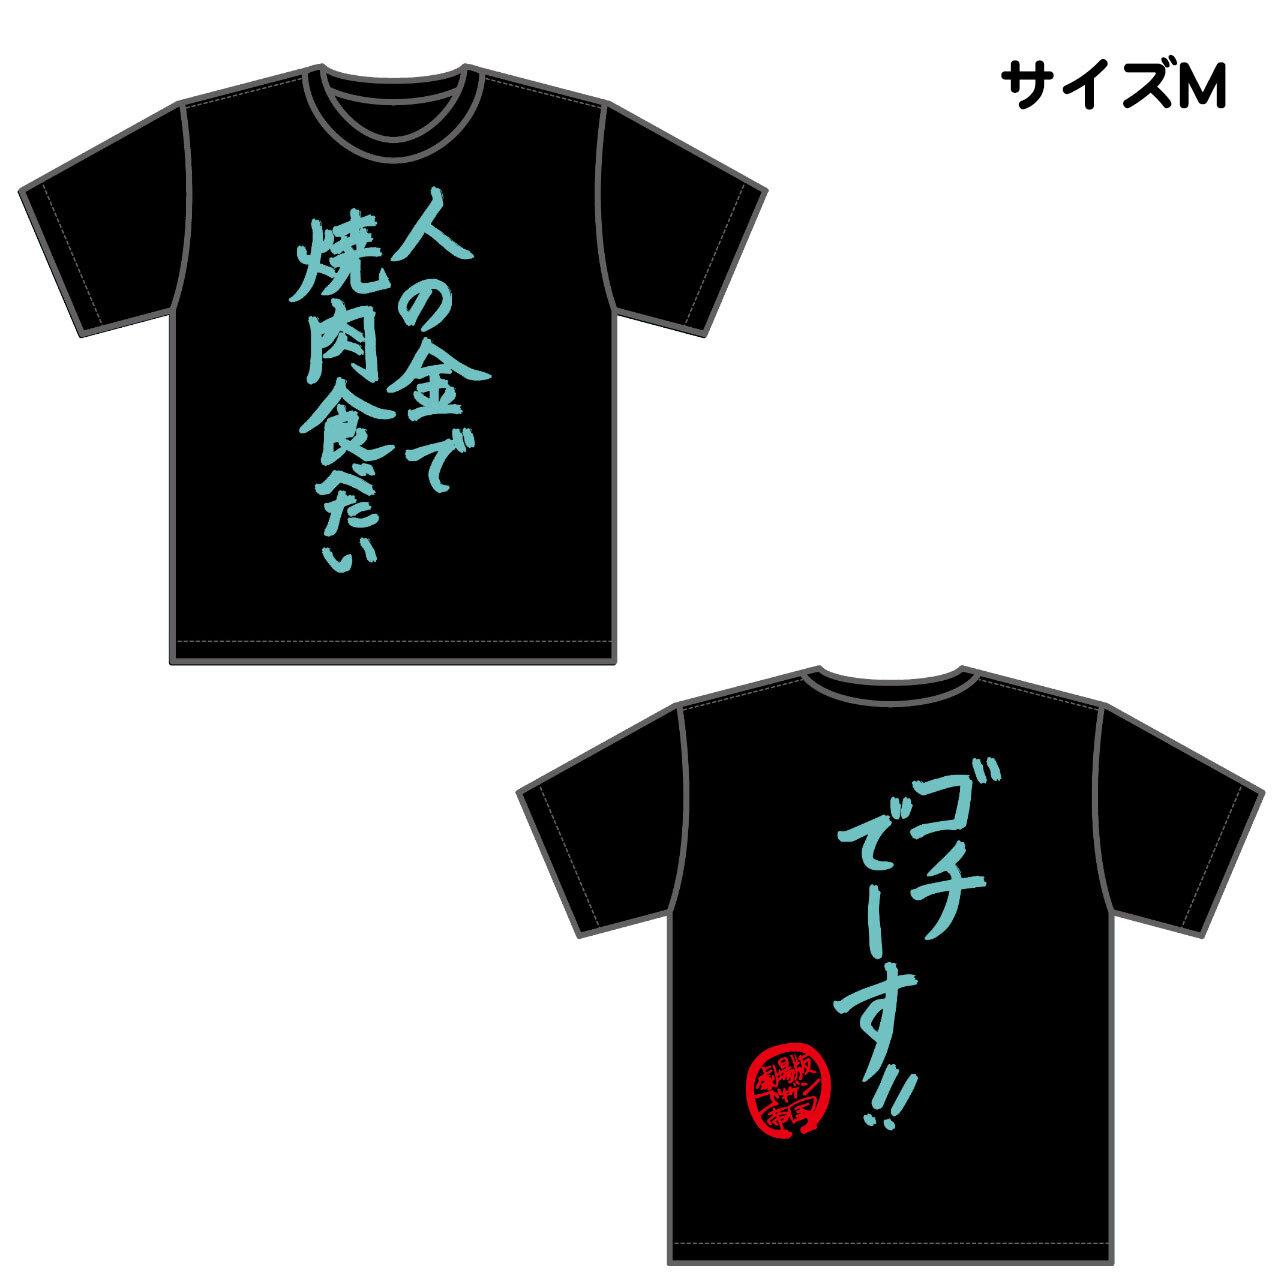 【数量限定】劇場版ゴキゲン帝国/「人の金で焼肉食べたい」Tシャツ/初詣ほのカラー/M